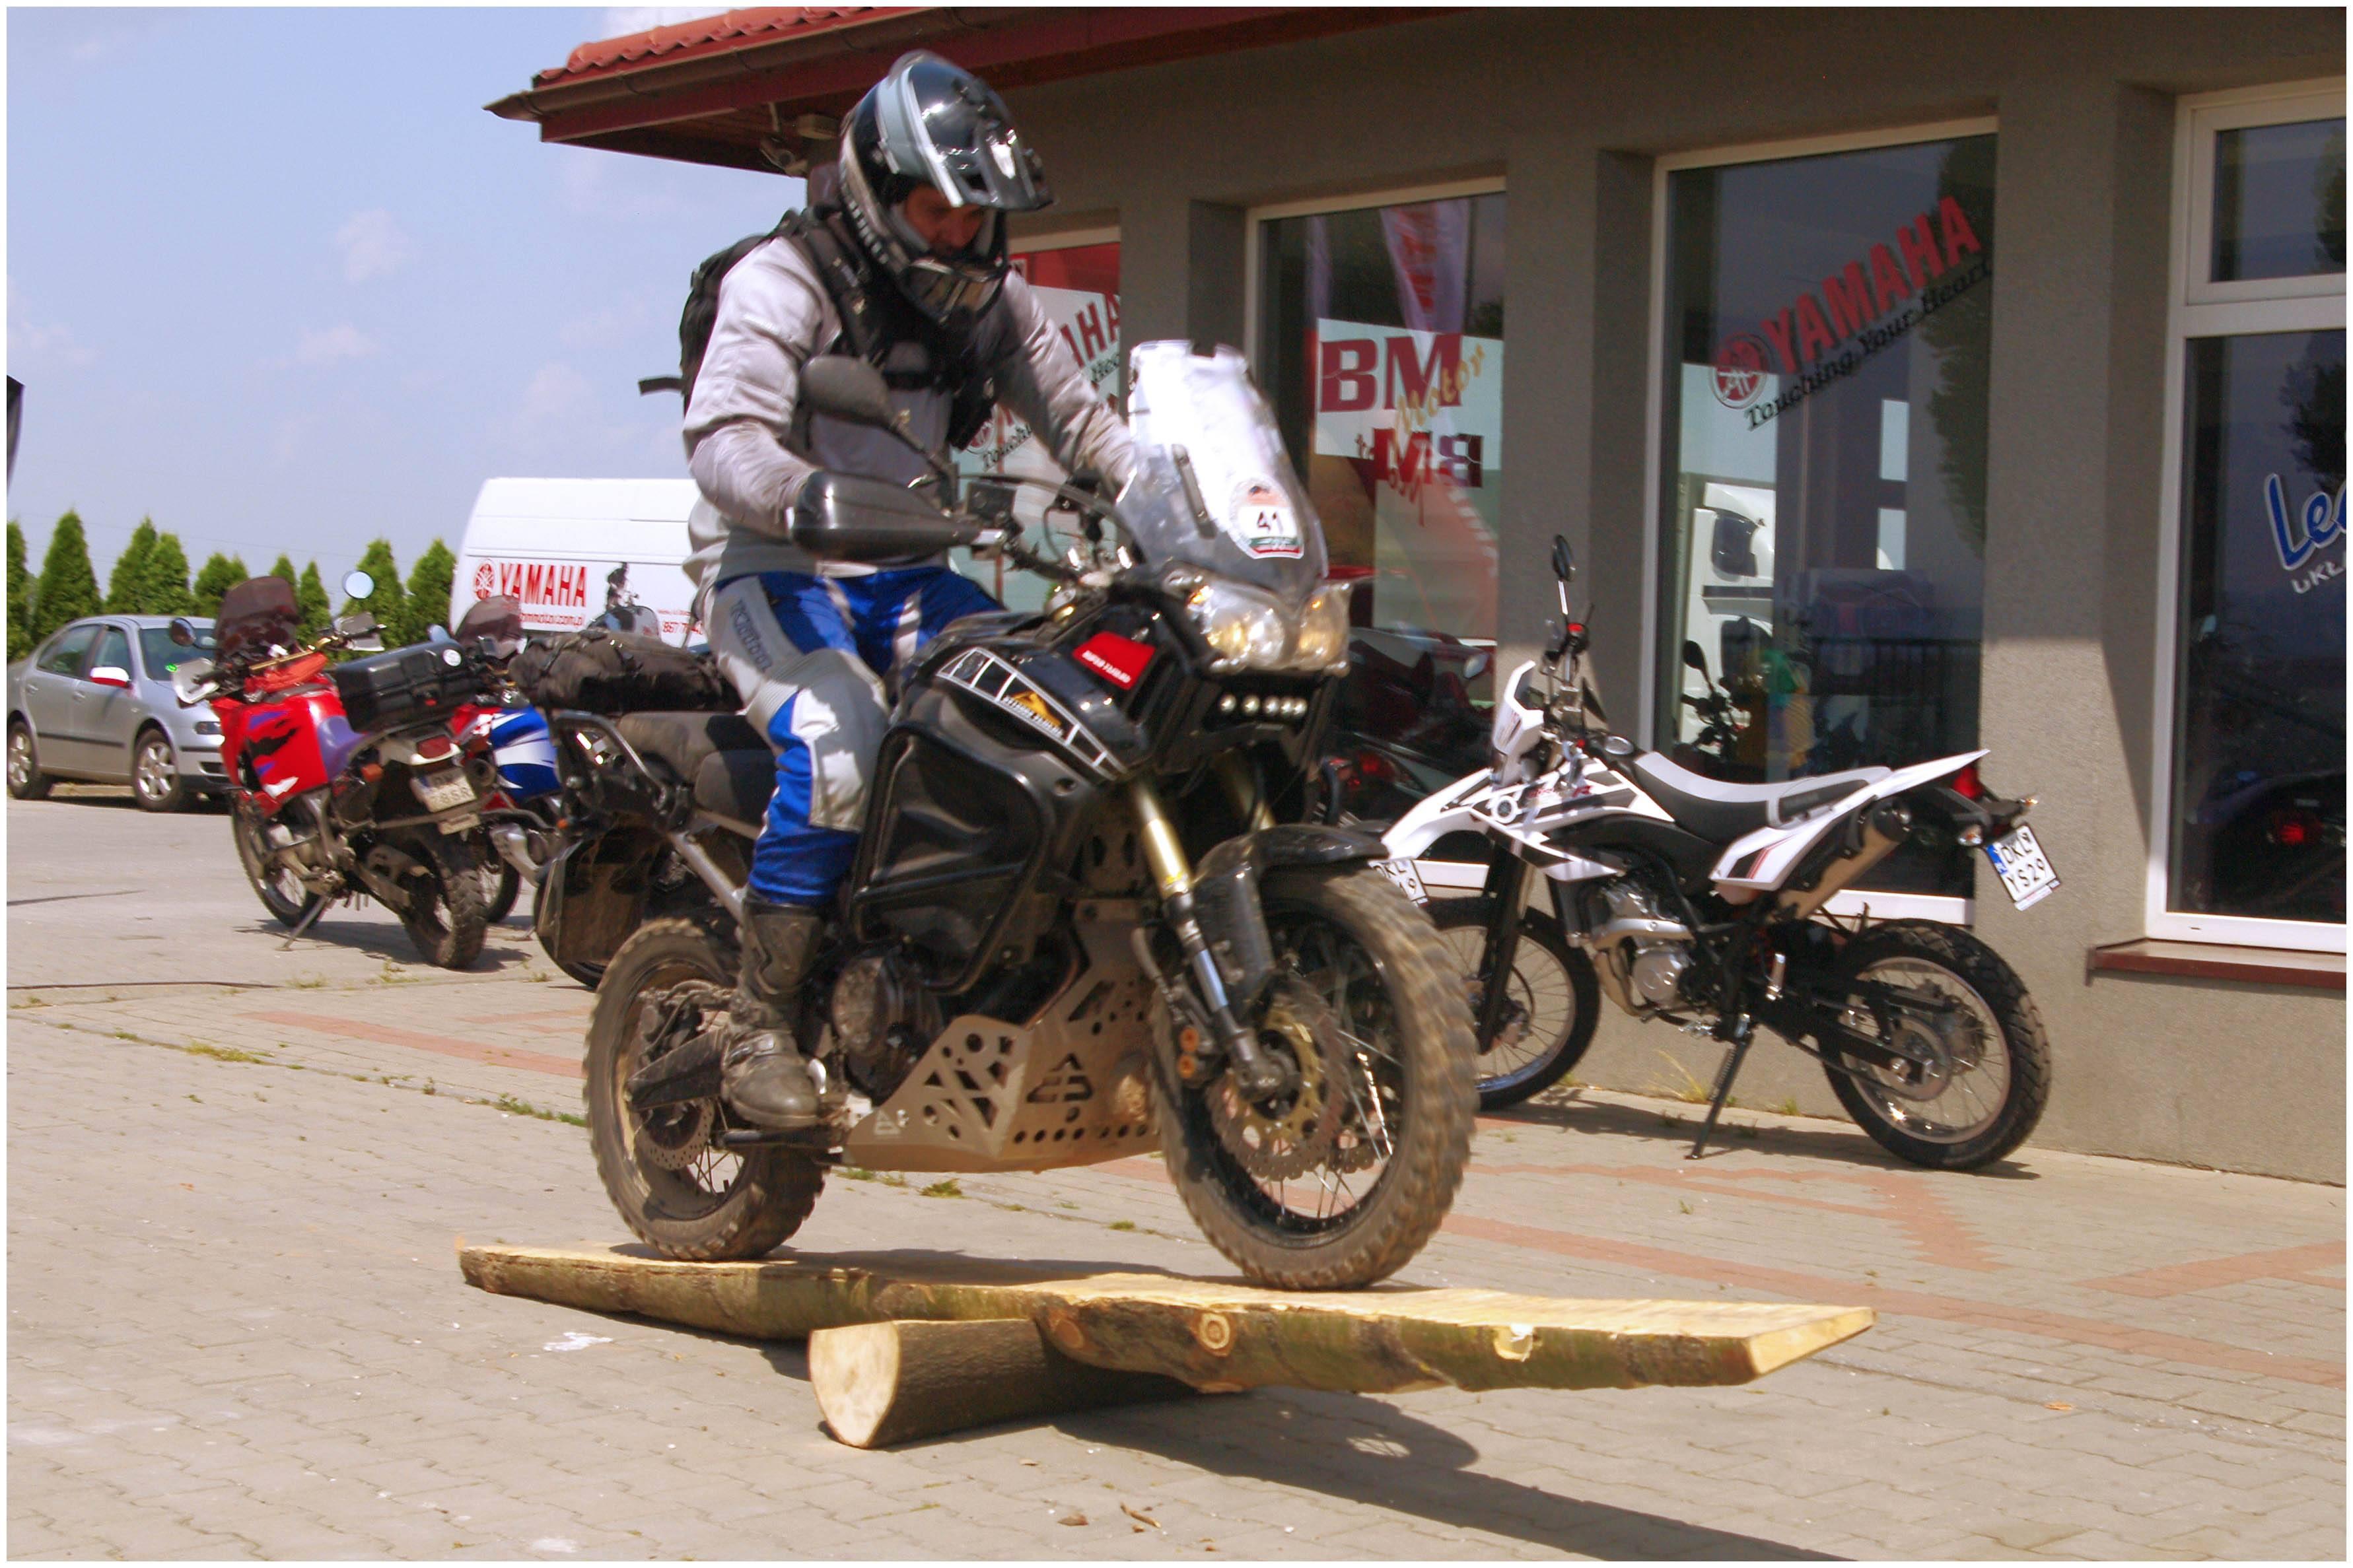 Turystyczne rajdy motocyklowe w 2018 roku. Kalendarz rajdów